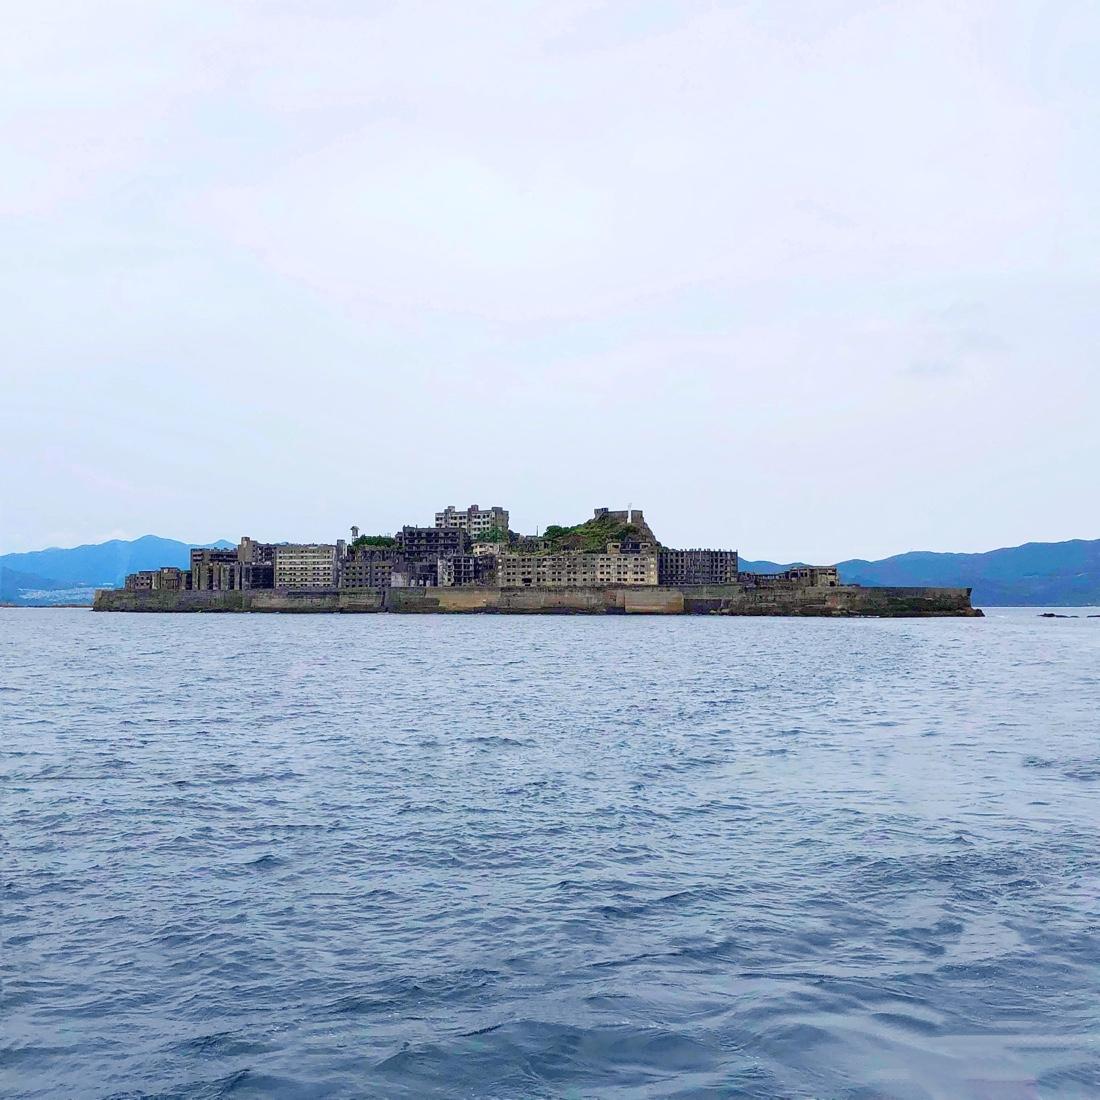 軍艦島が軍艦島ぽく見える角度